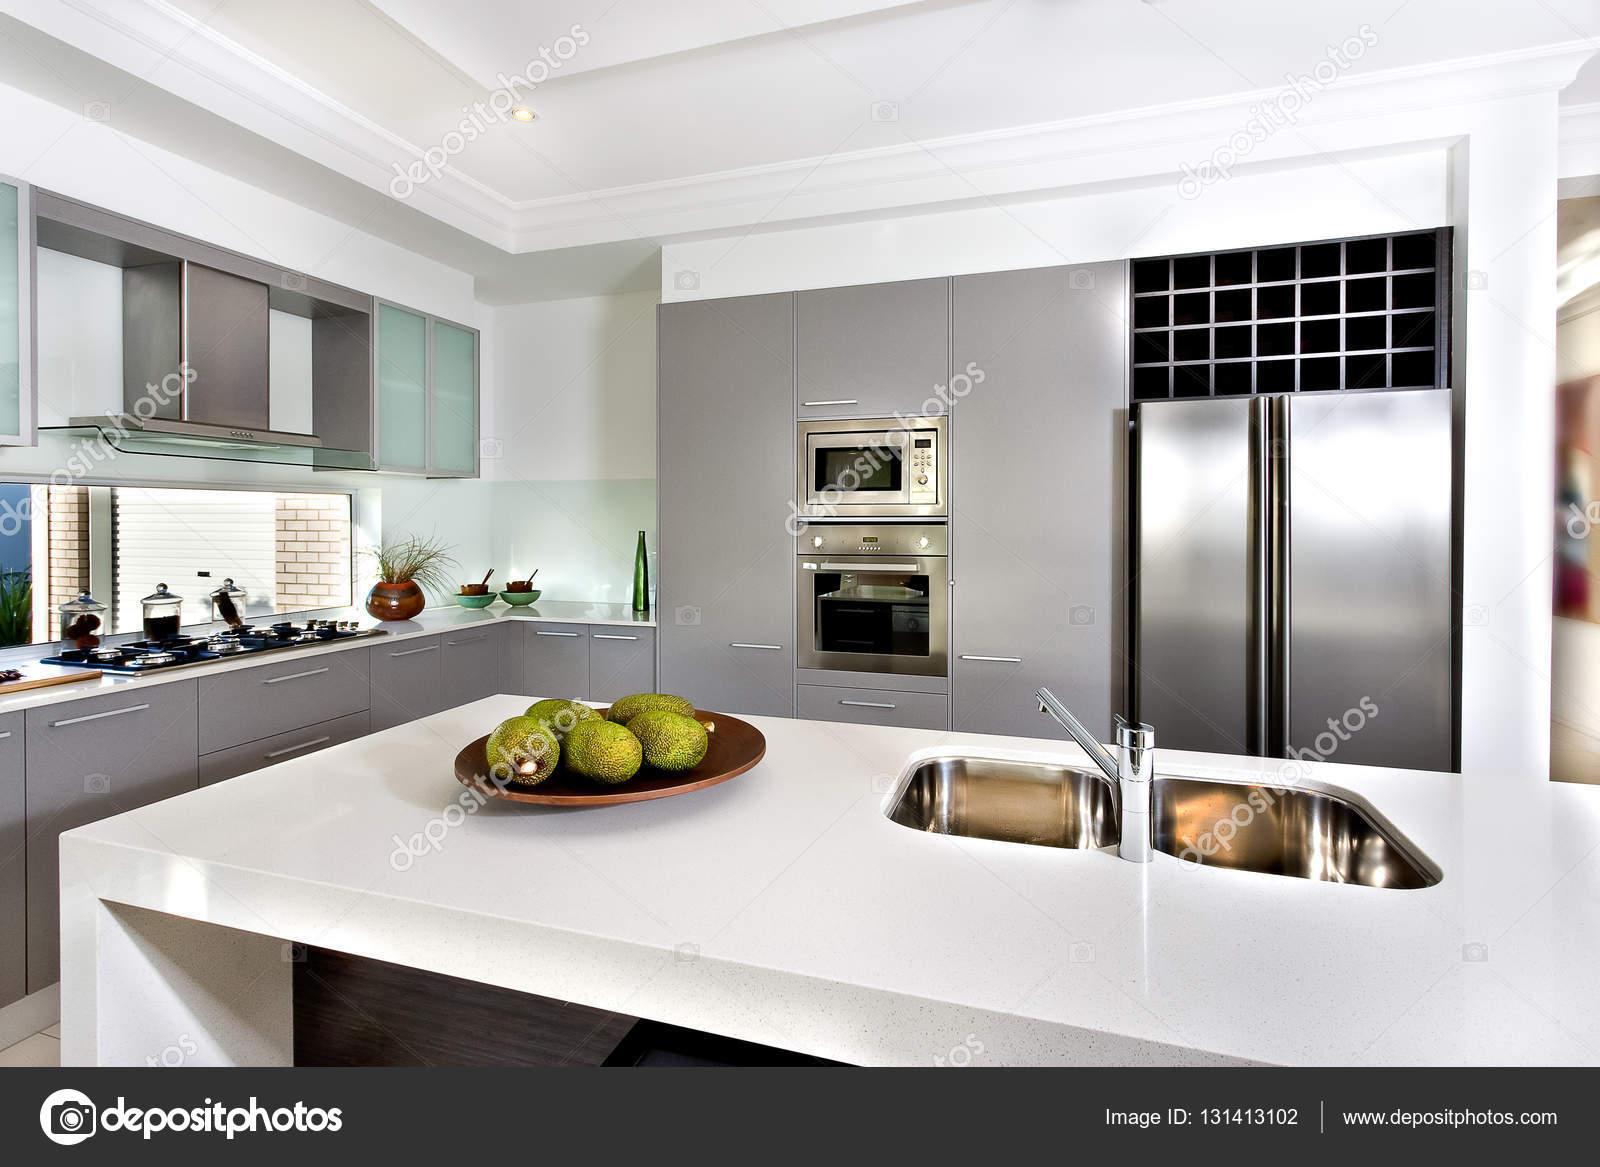 Cozinha Moderna Na Casa Luxuosa Fotografias De Stock Jrstock1